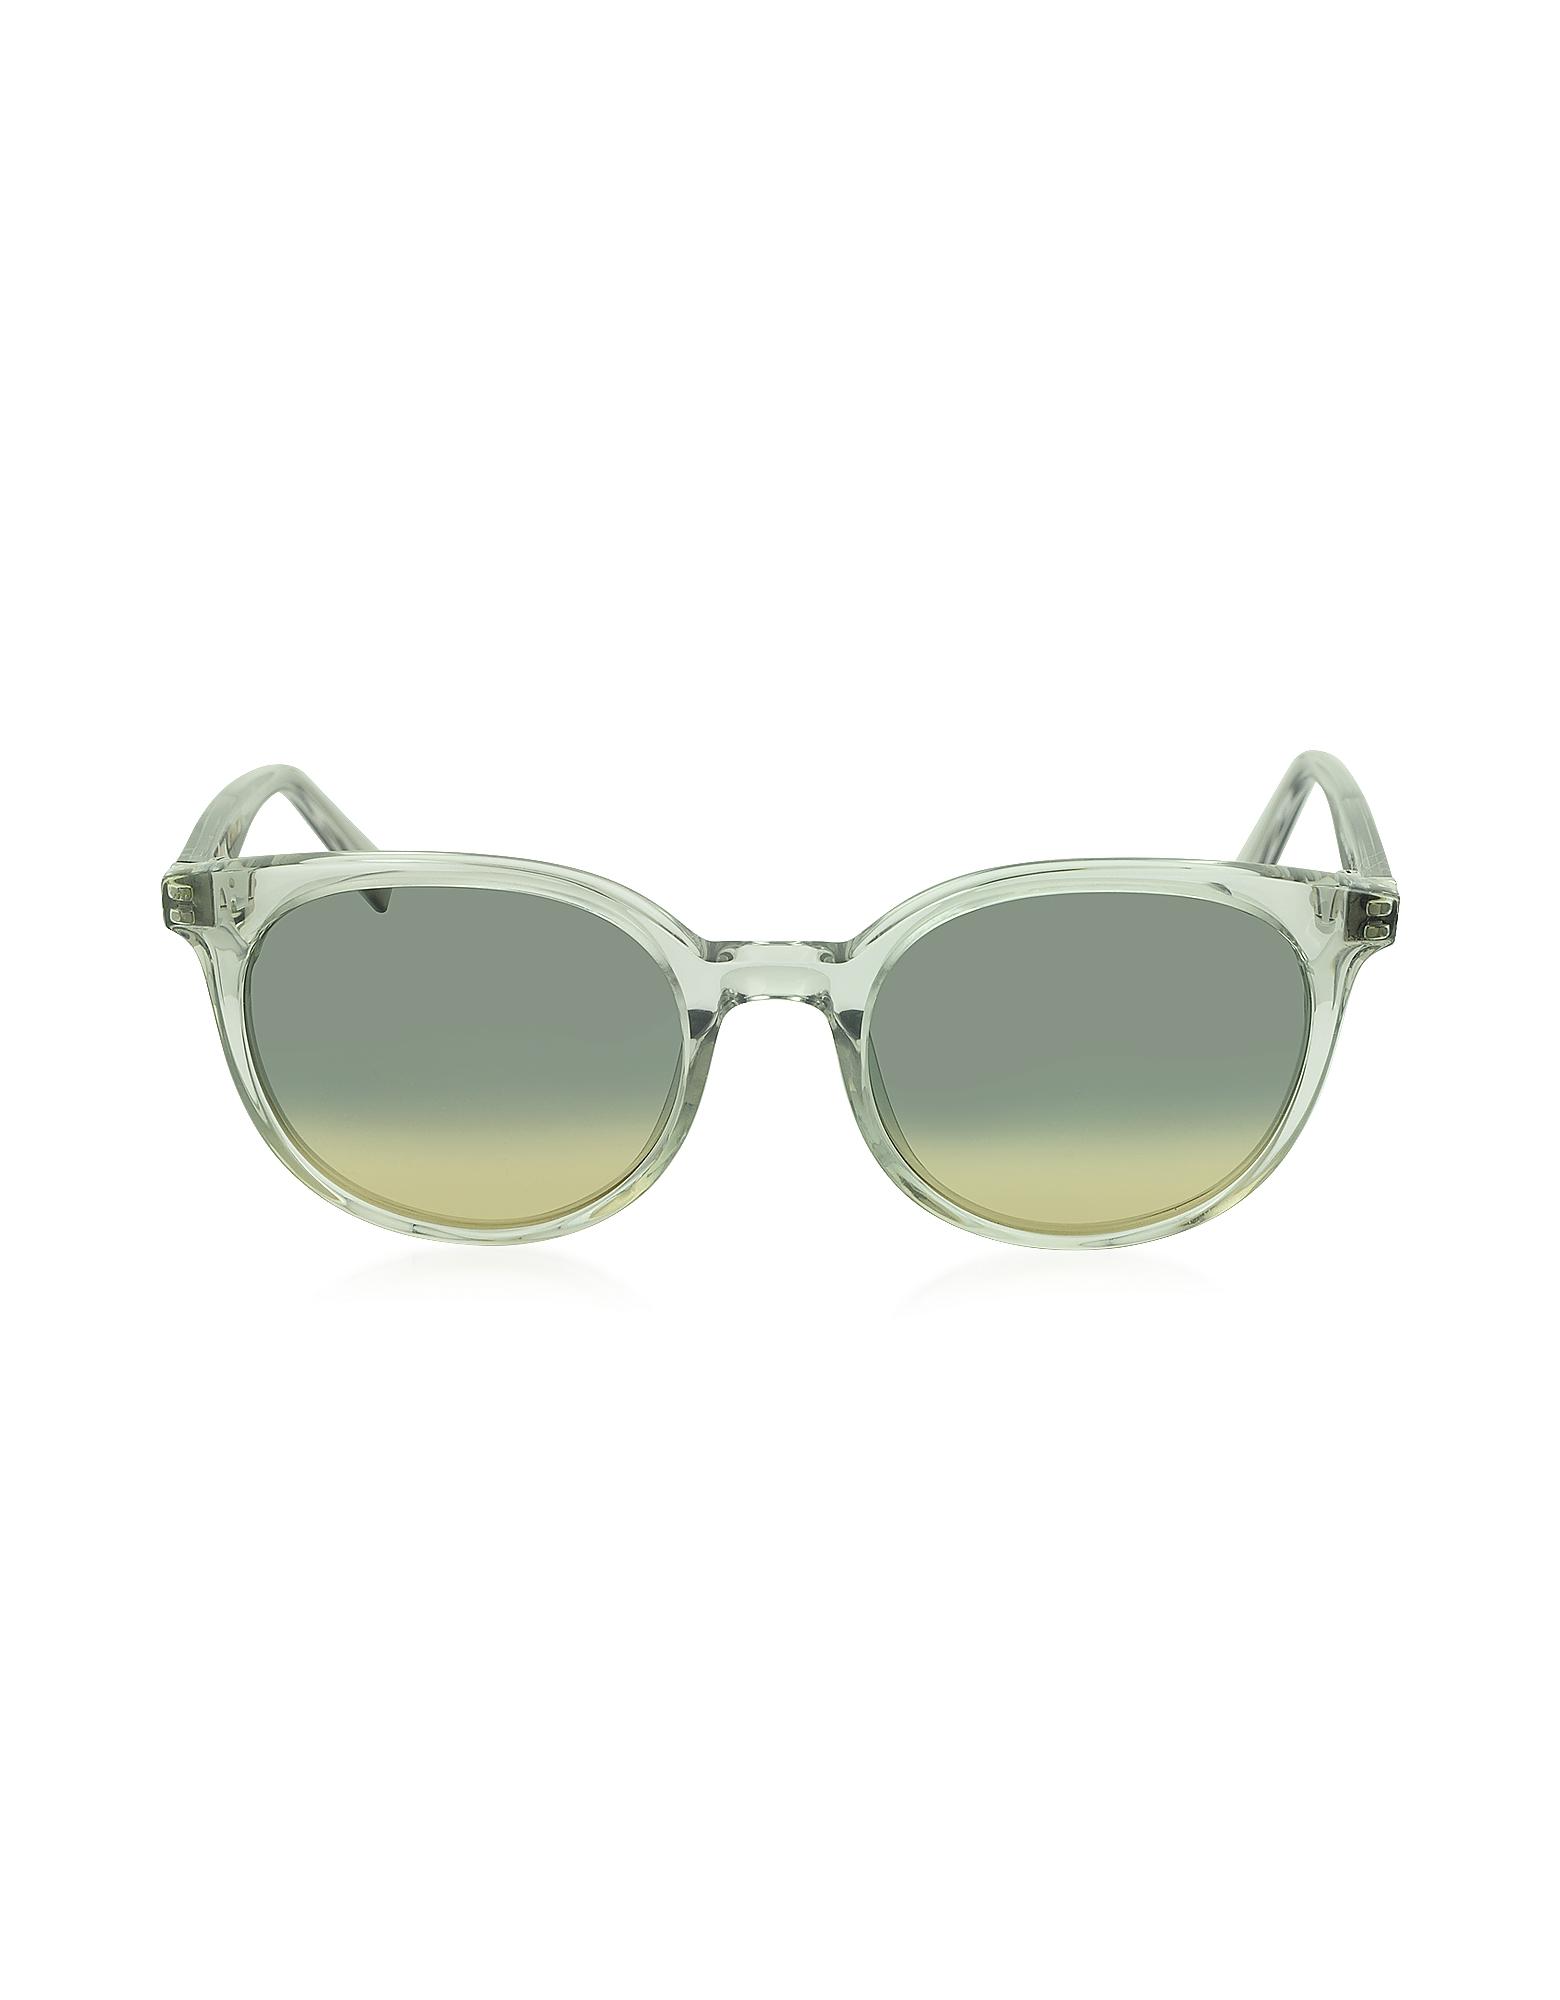 CL 41067/S - Прозрачные Женские Солнечные Очки в Круглой Оправе